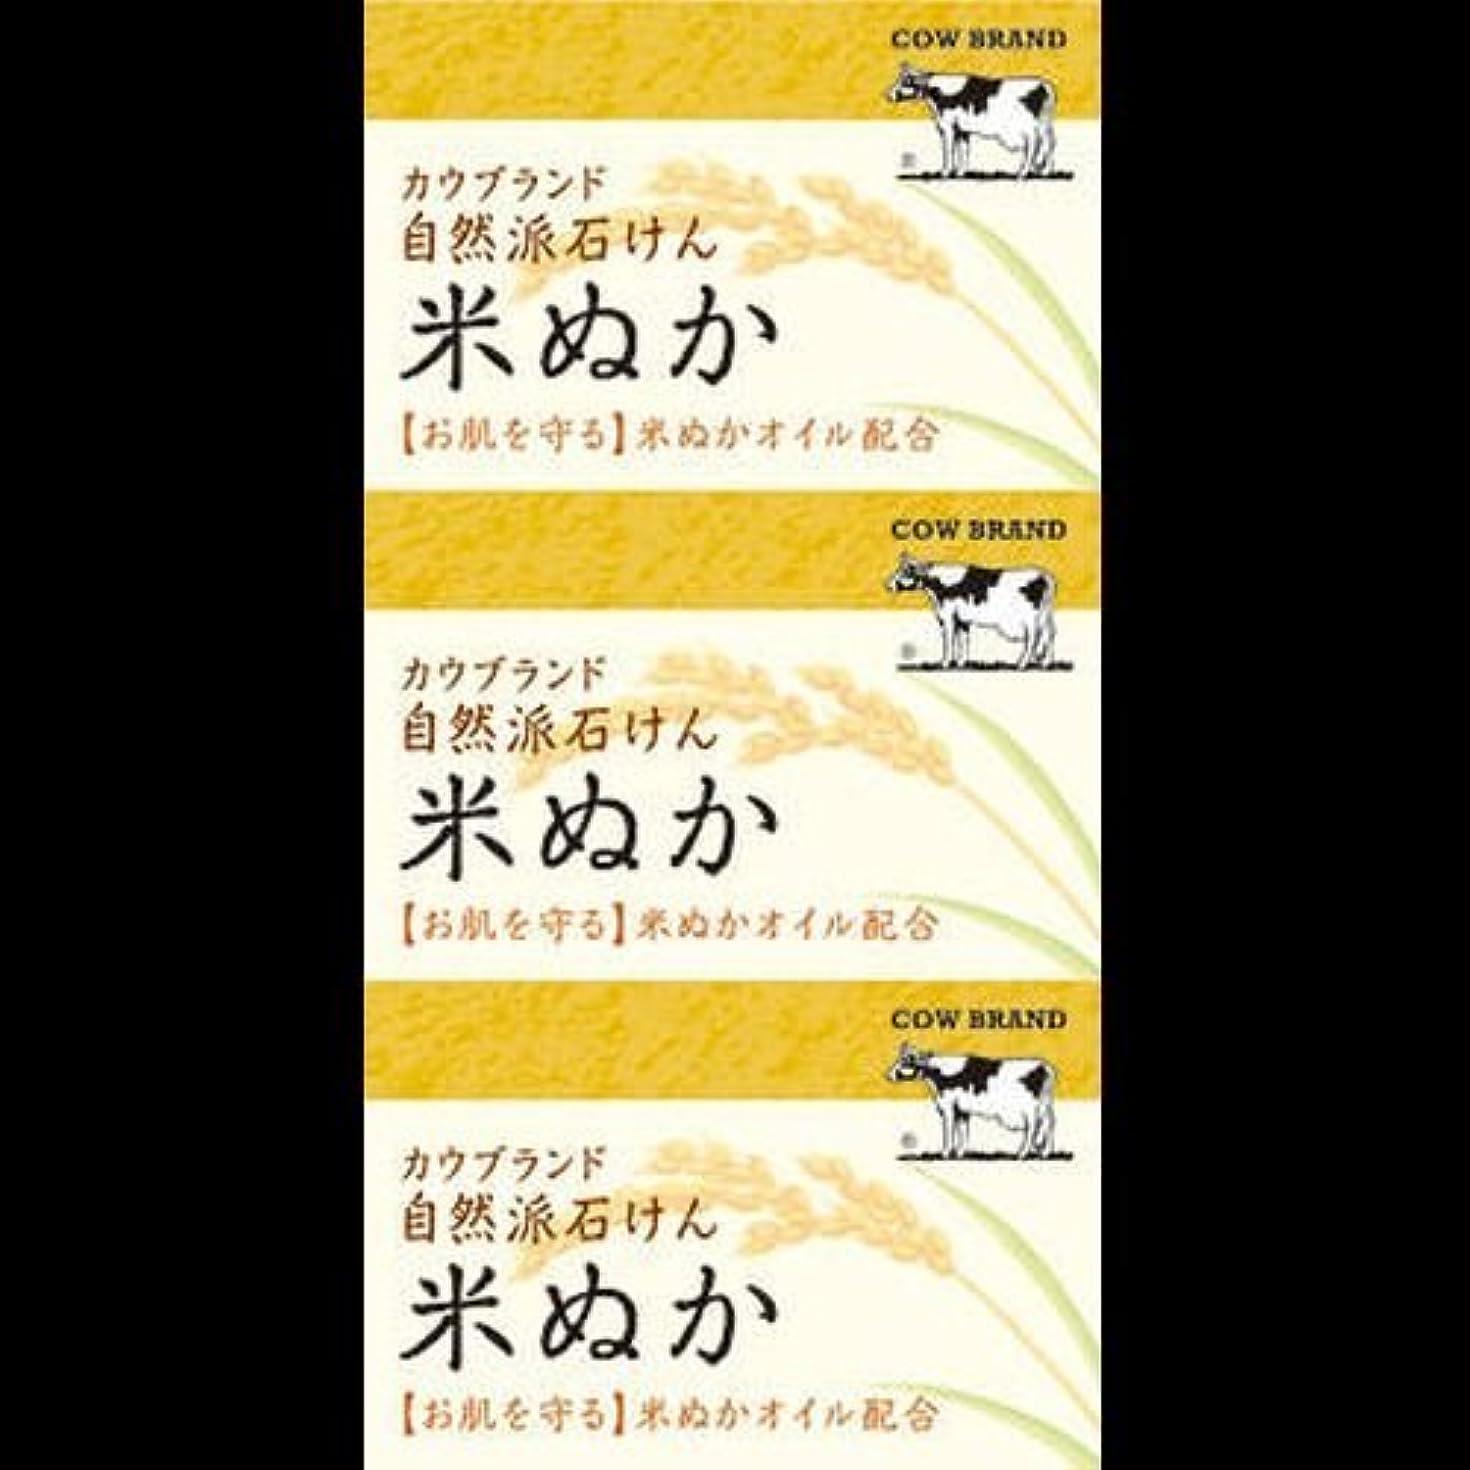 表面チャット戸口【まとめ買い】カウブランド 自然派石けん 米ぬか 100g*3個 ×2セット